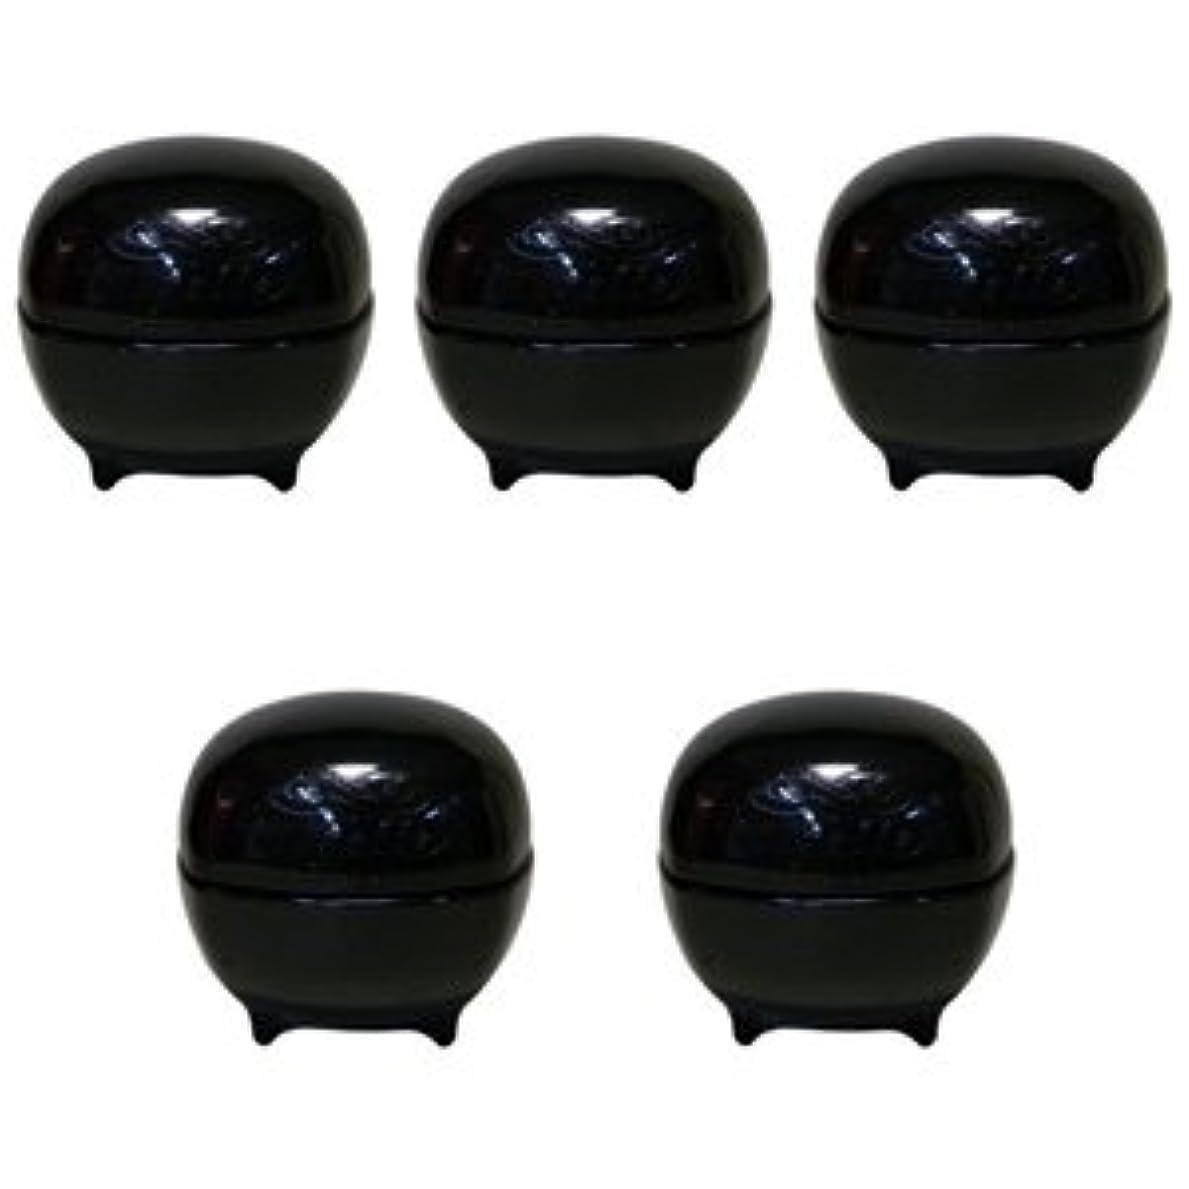 速記バスタブ組み合わせ【X5個セット】 ミルボン ニゼル グラスプワックス 80g (ニゼルドレシアコレクション) GRASP WAX MILBON